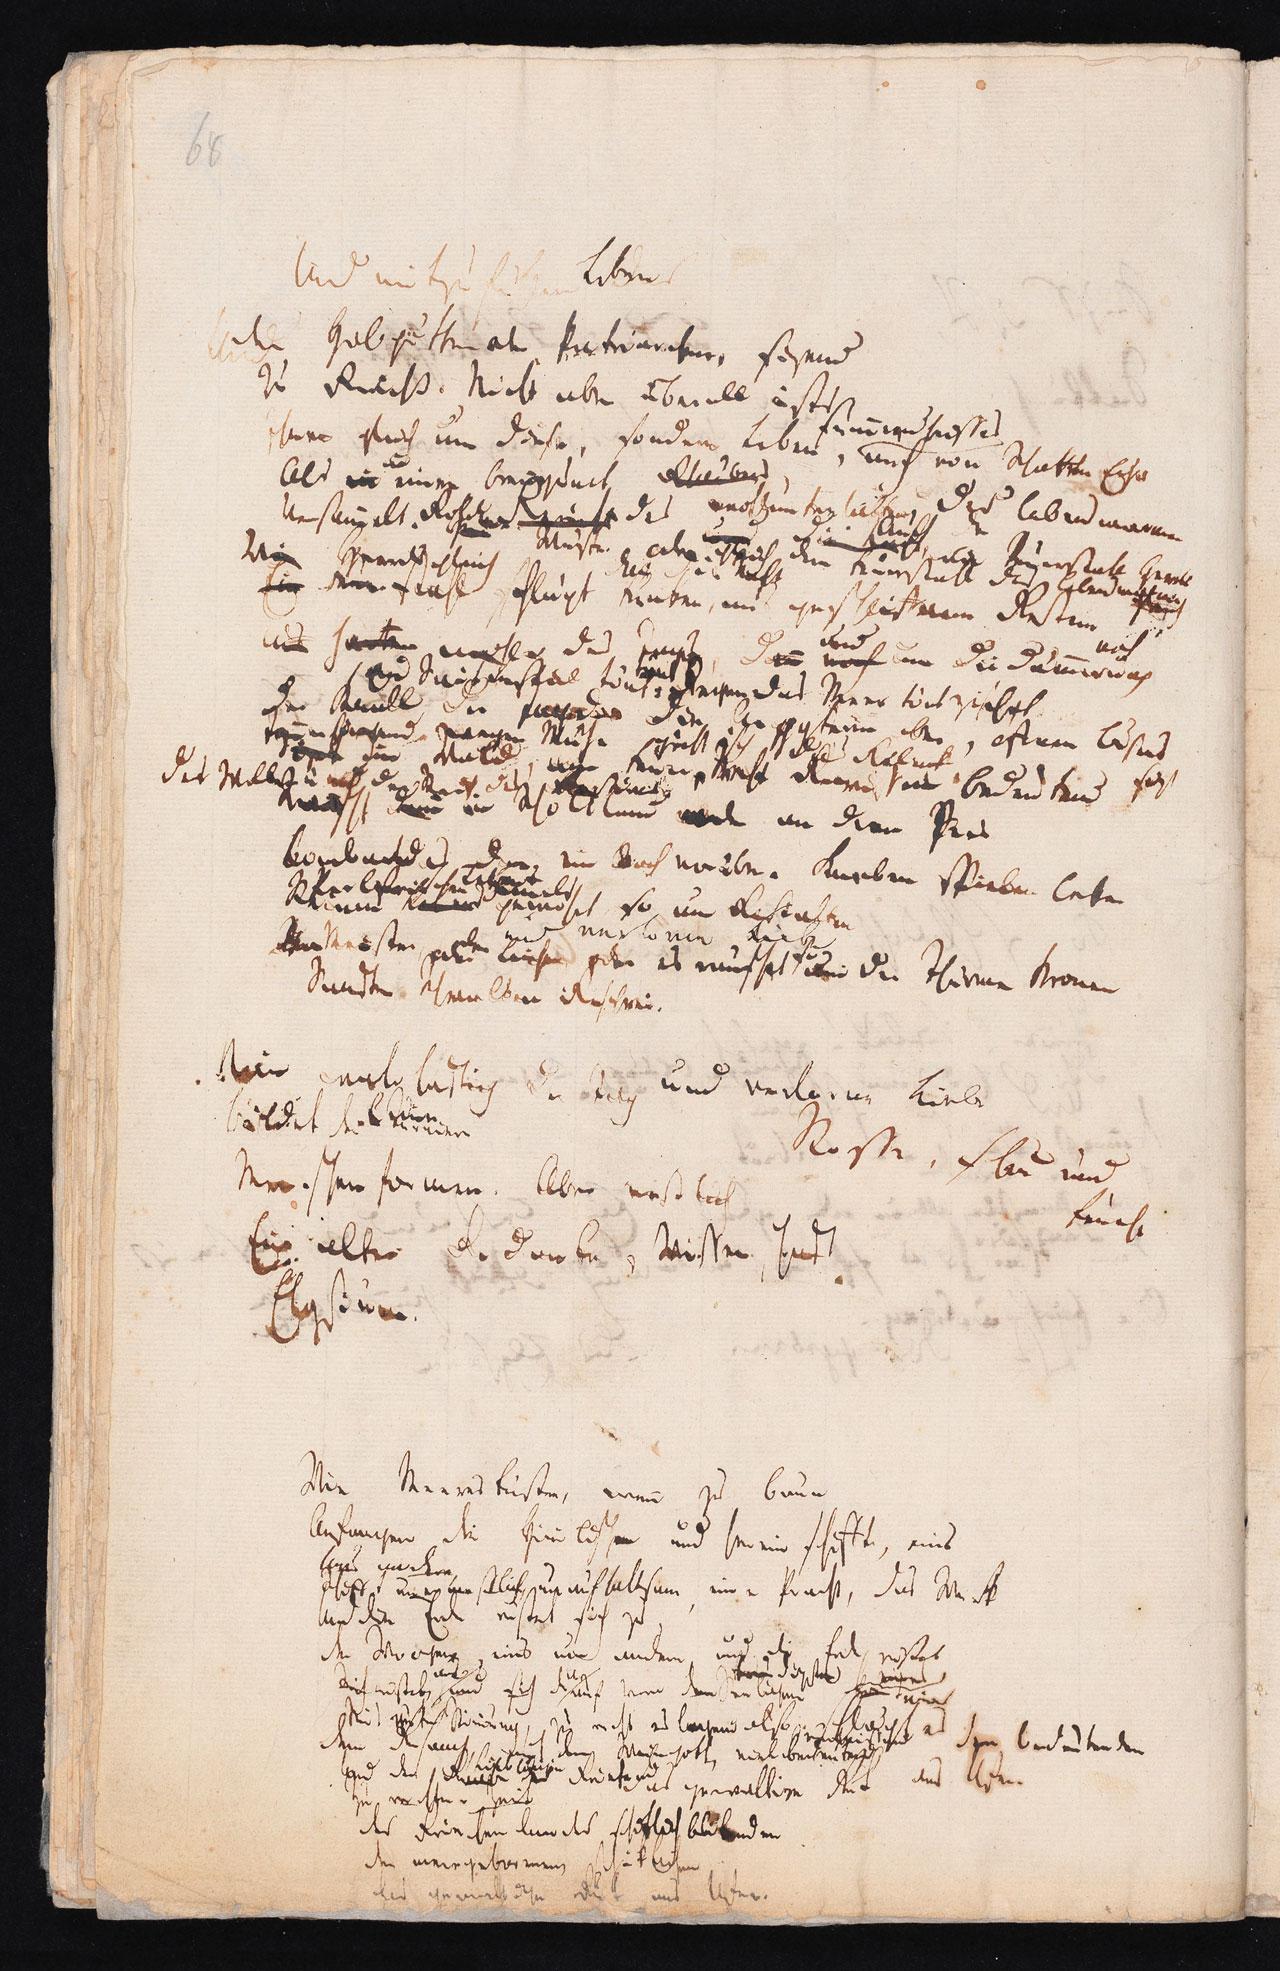 Friedrich Hölderlin, Homburger Folioheft, Seite 68, Und mitzufühlen…, Handschrift